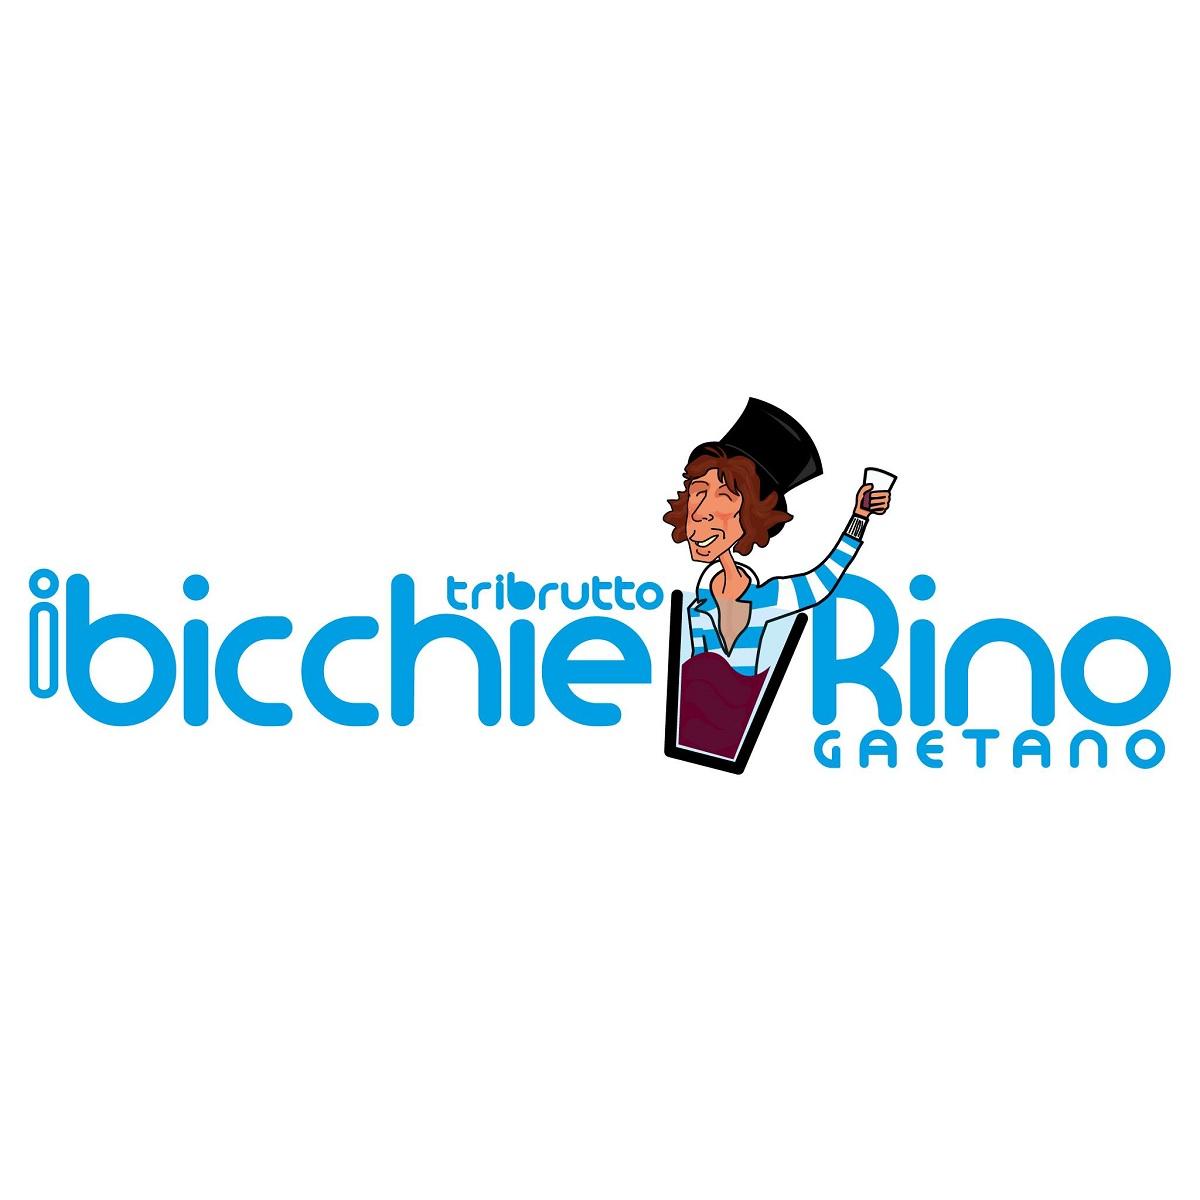 BicchieRino - TriBrutto a Rino Gaetano 3 luglio 2021 foto